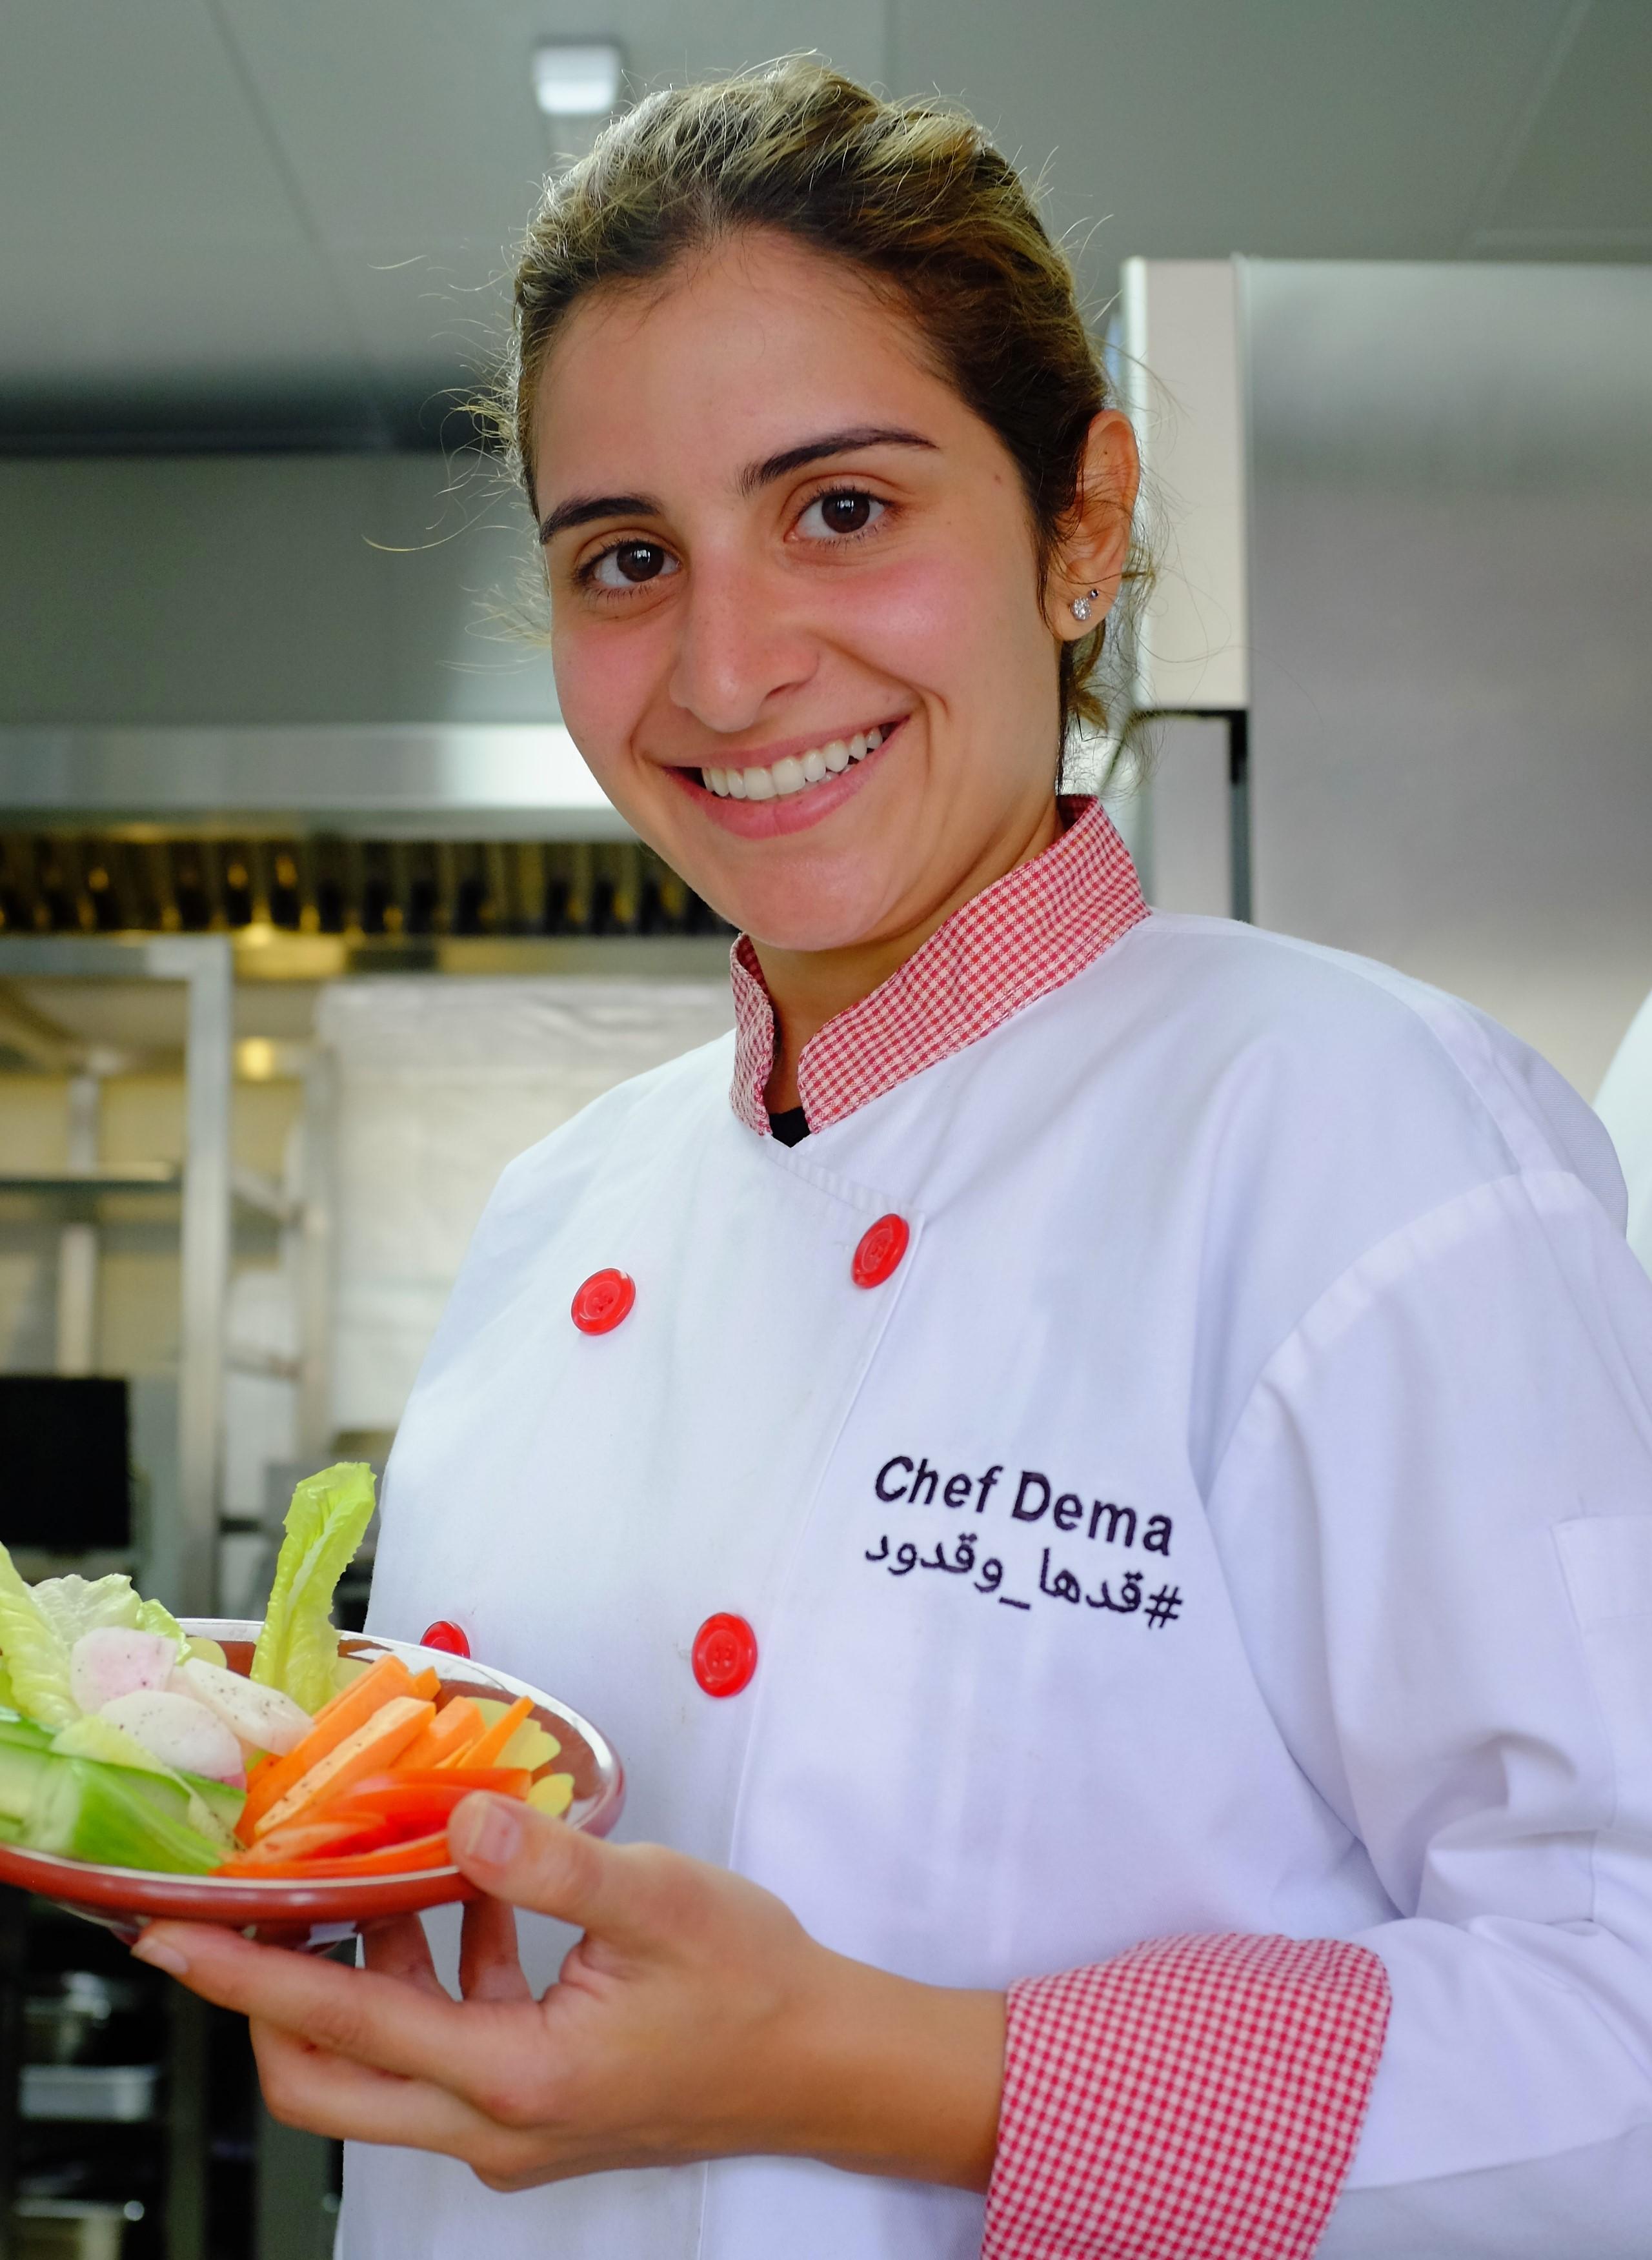 Chef Dema